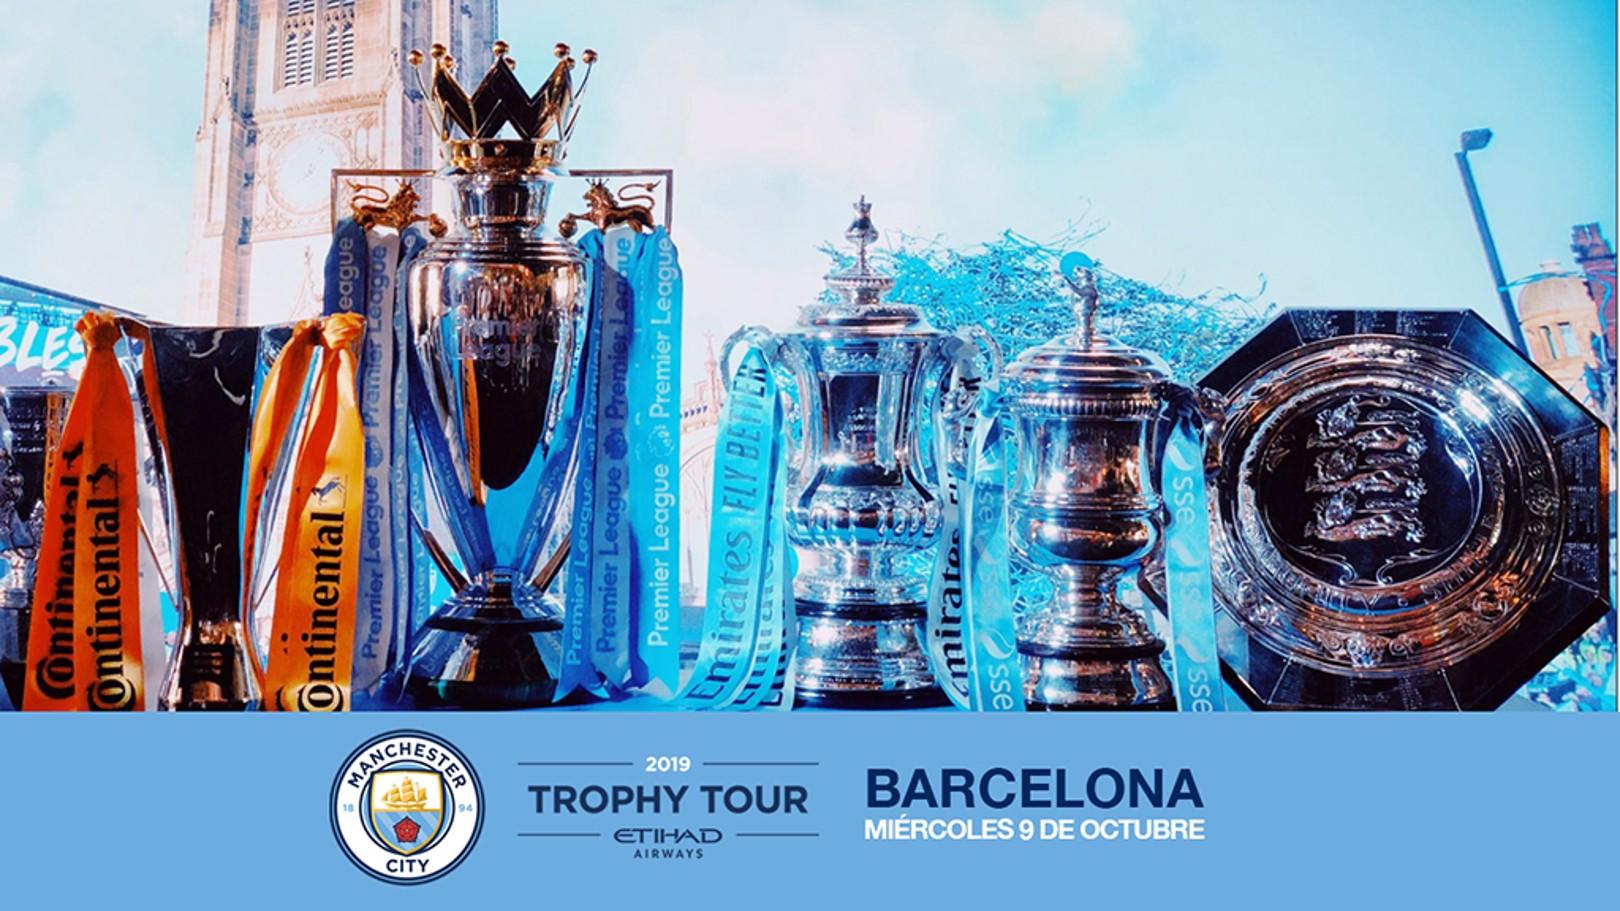 TROPHY TOUR. Los trofeos del City visitarán España.